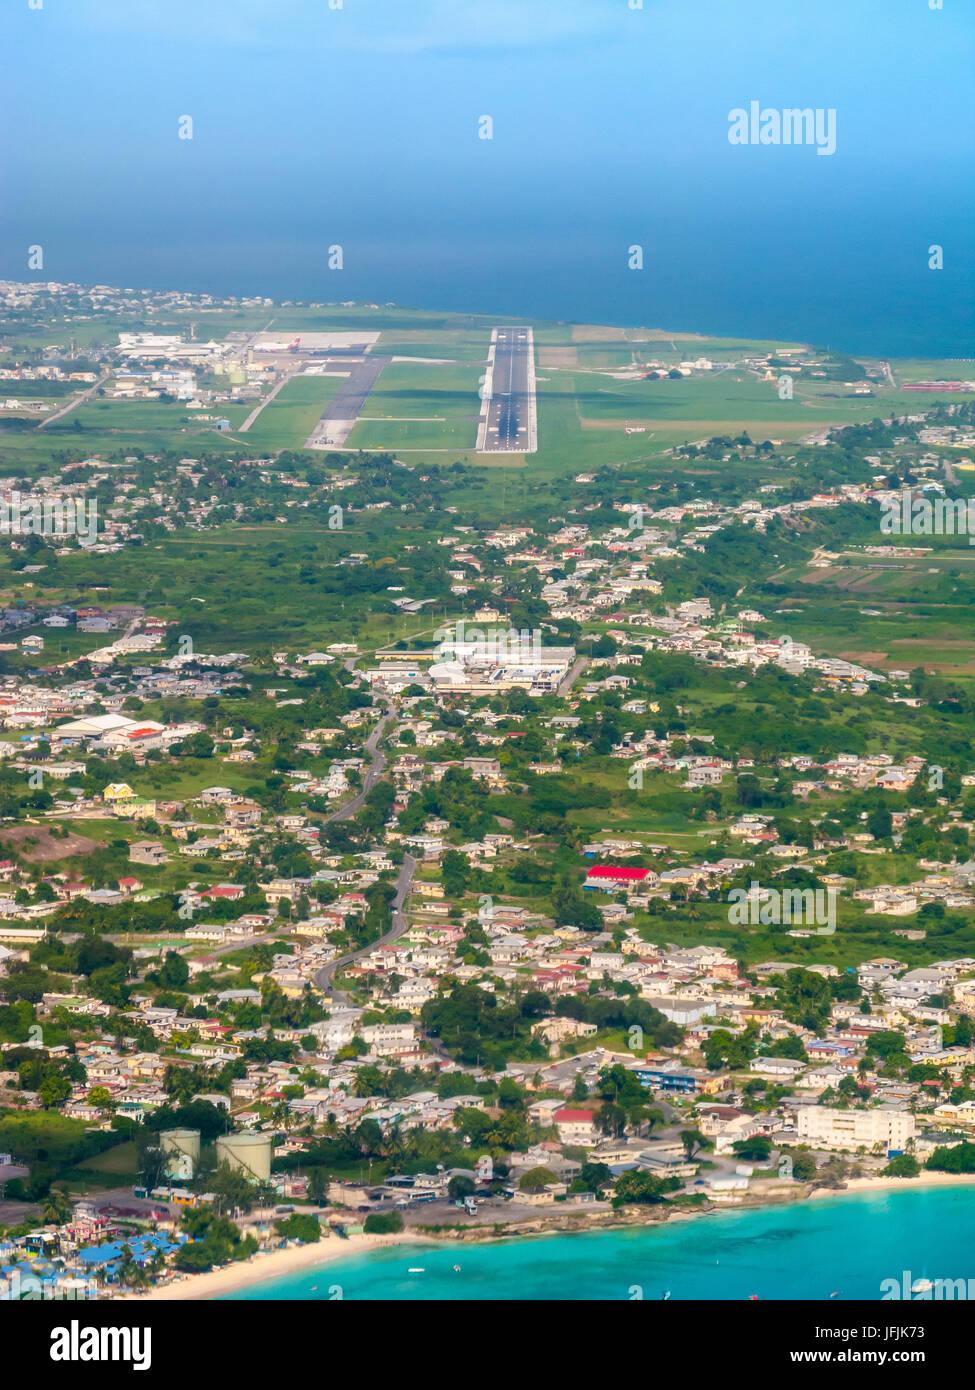 El enfoque de la pista de aterrizaje de Barbados, Barbados Aeropuerto Internacional Grantley Adams (GAIA) Aeropuerto, Barbados, Indias Occidentales Foto de stock